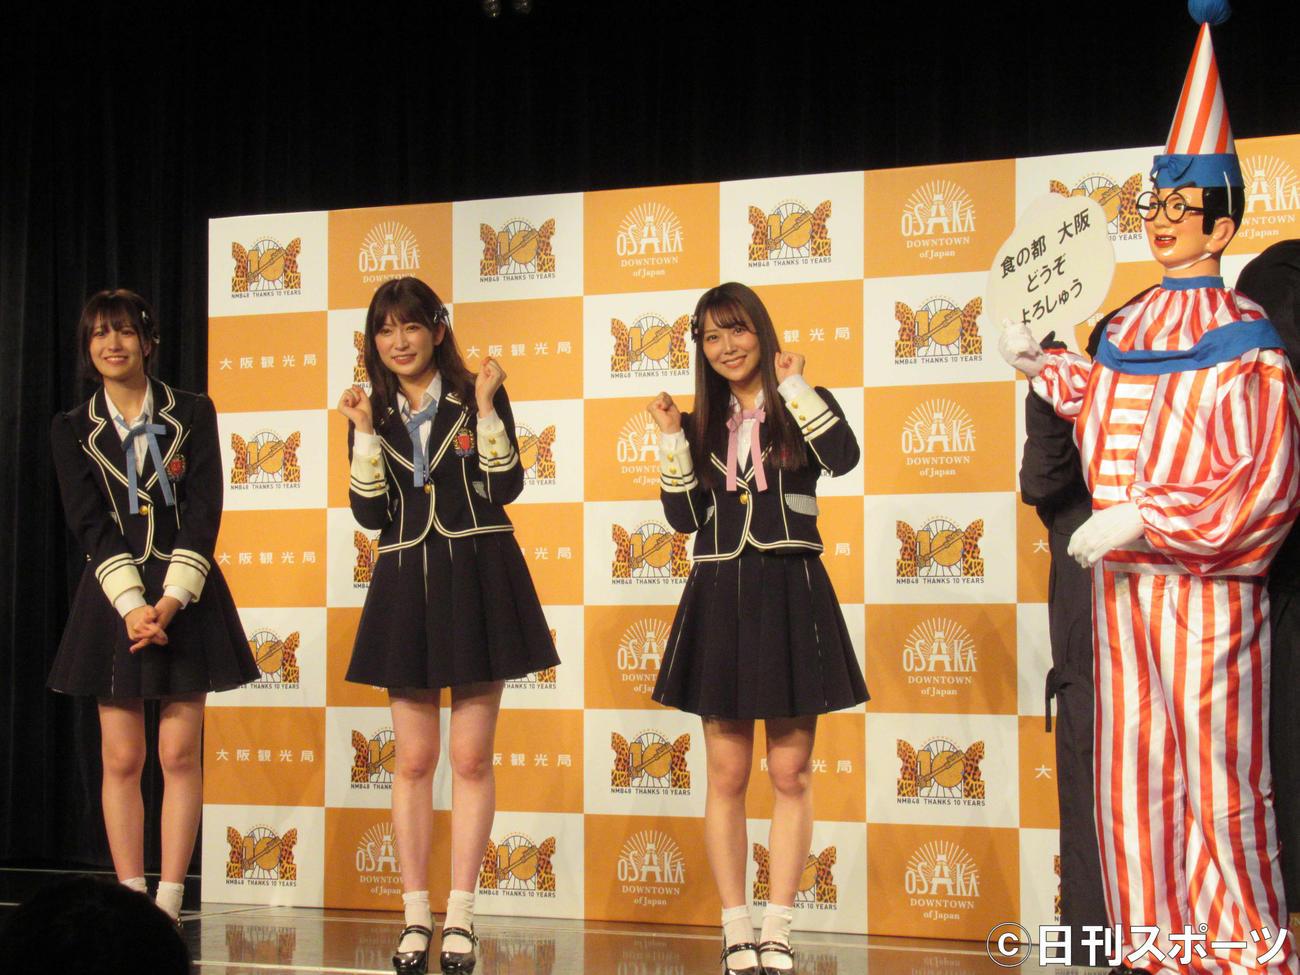 「大阪観光スペシャルサポーター」に就任したNMB48。左から小嶋花梨、吉田朱里、白間美瑠(撮影・星名希実)